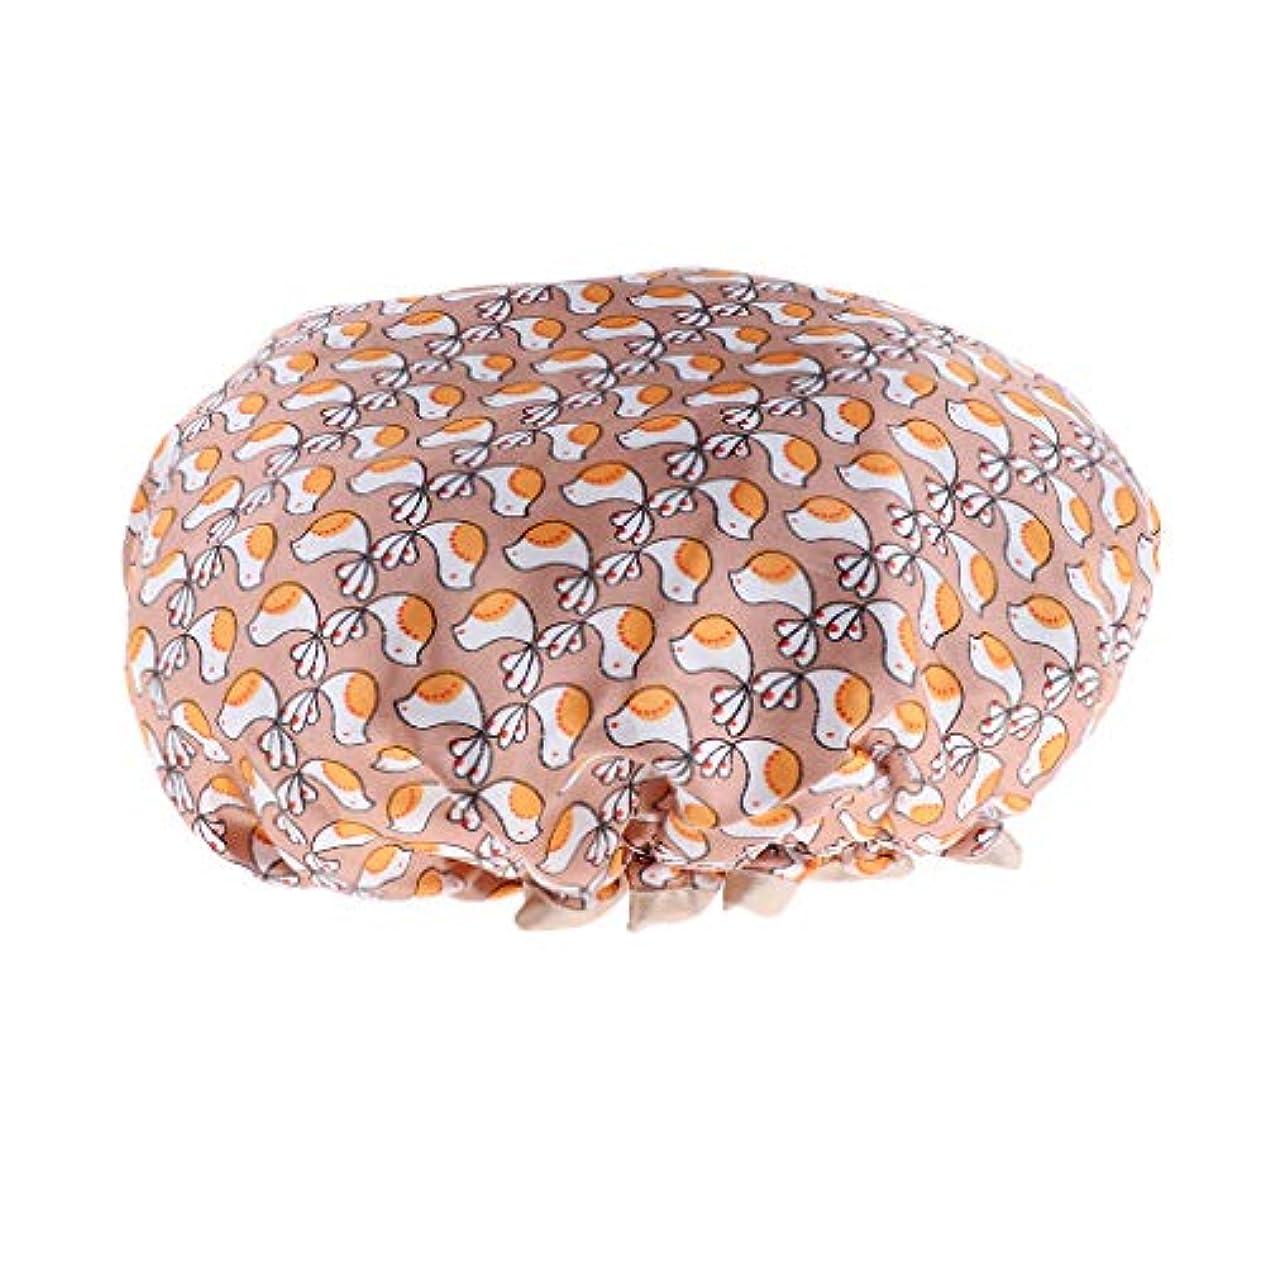 スコットランド人識字むちゃくちゃD DOLITY シャワーキャップ ヘアキャップ 帽子 女性用 入浴 バス用品 二重層 防水 全3色 - ゴールド